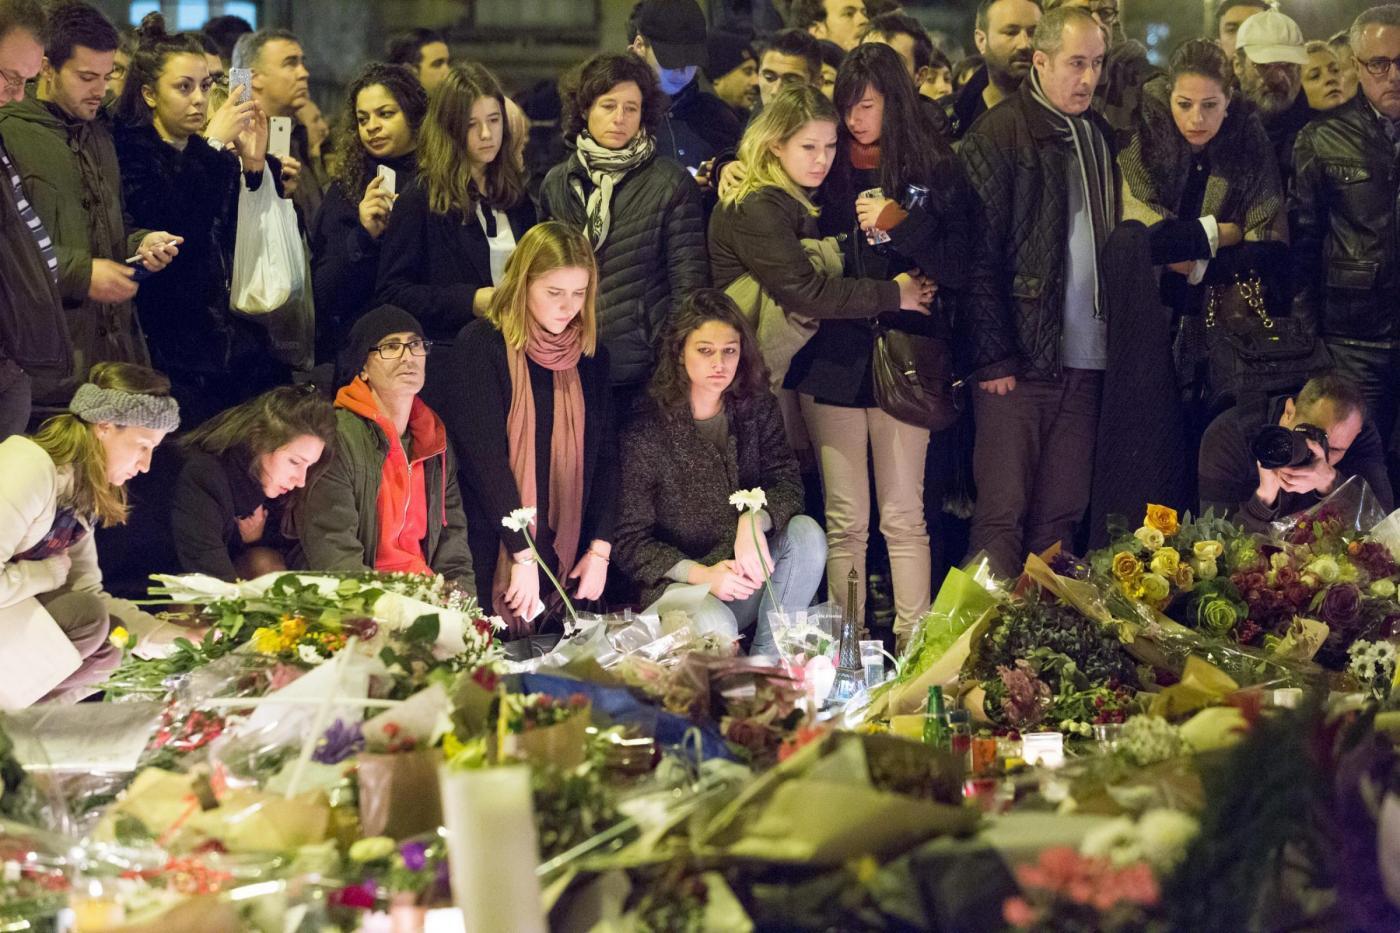 Omaggi alle vittime degli attentati islamici a Parigi